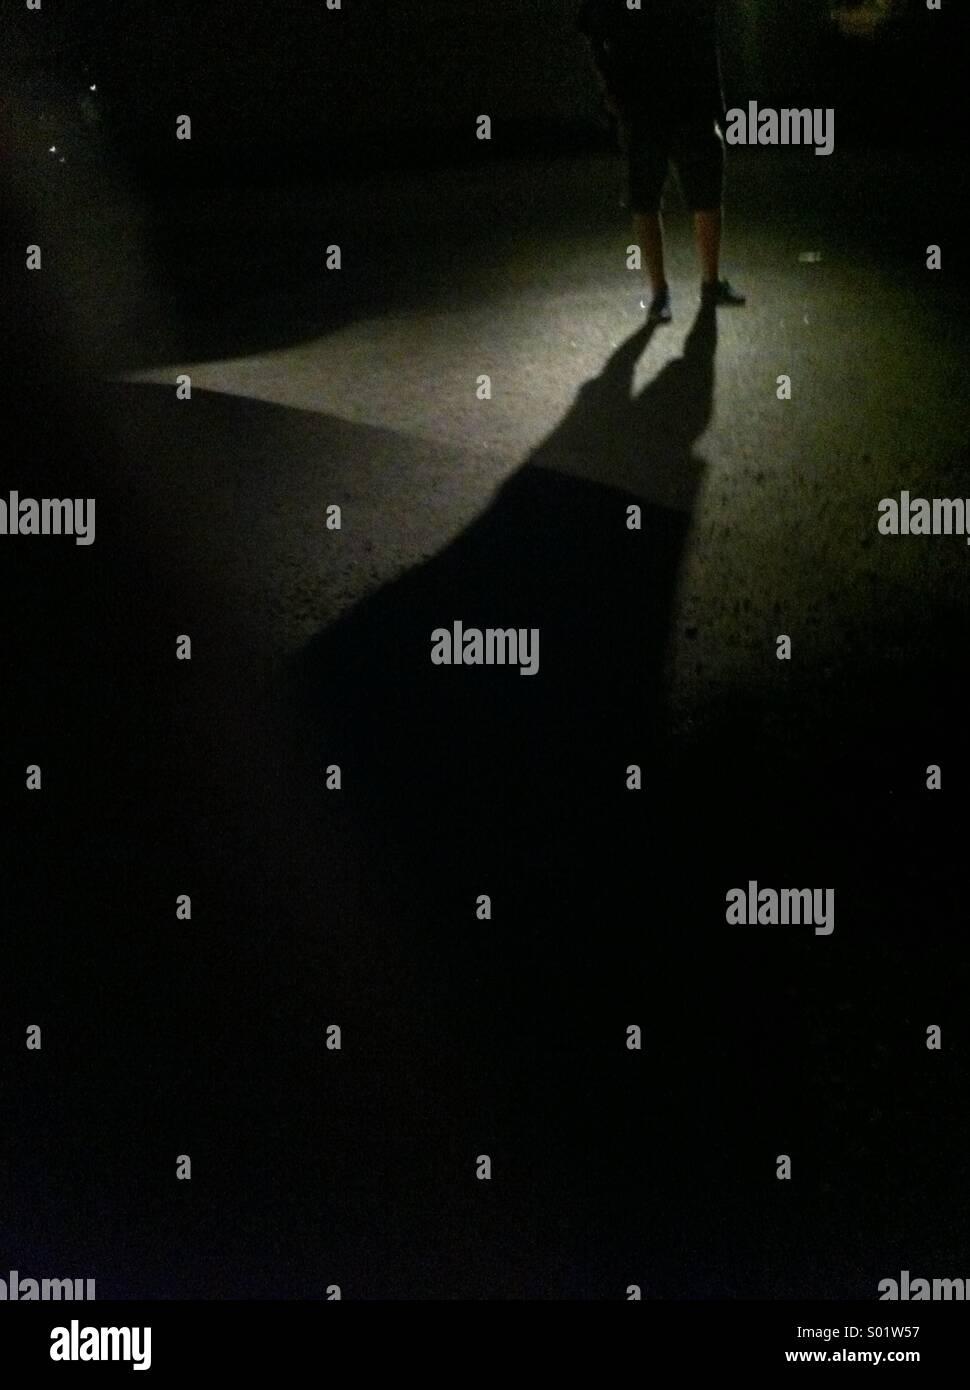 Hombre de pie en las sombras Imagen De Stock